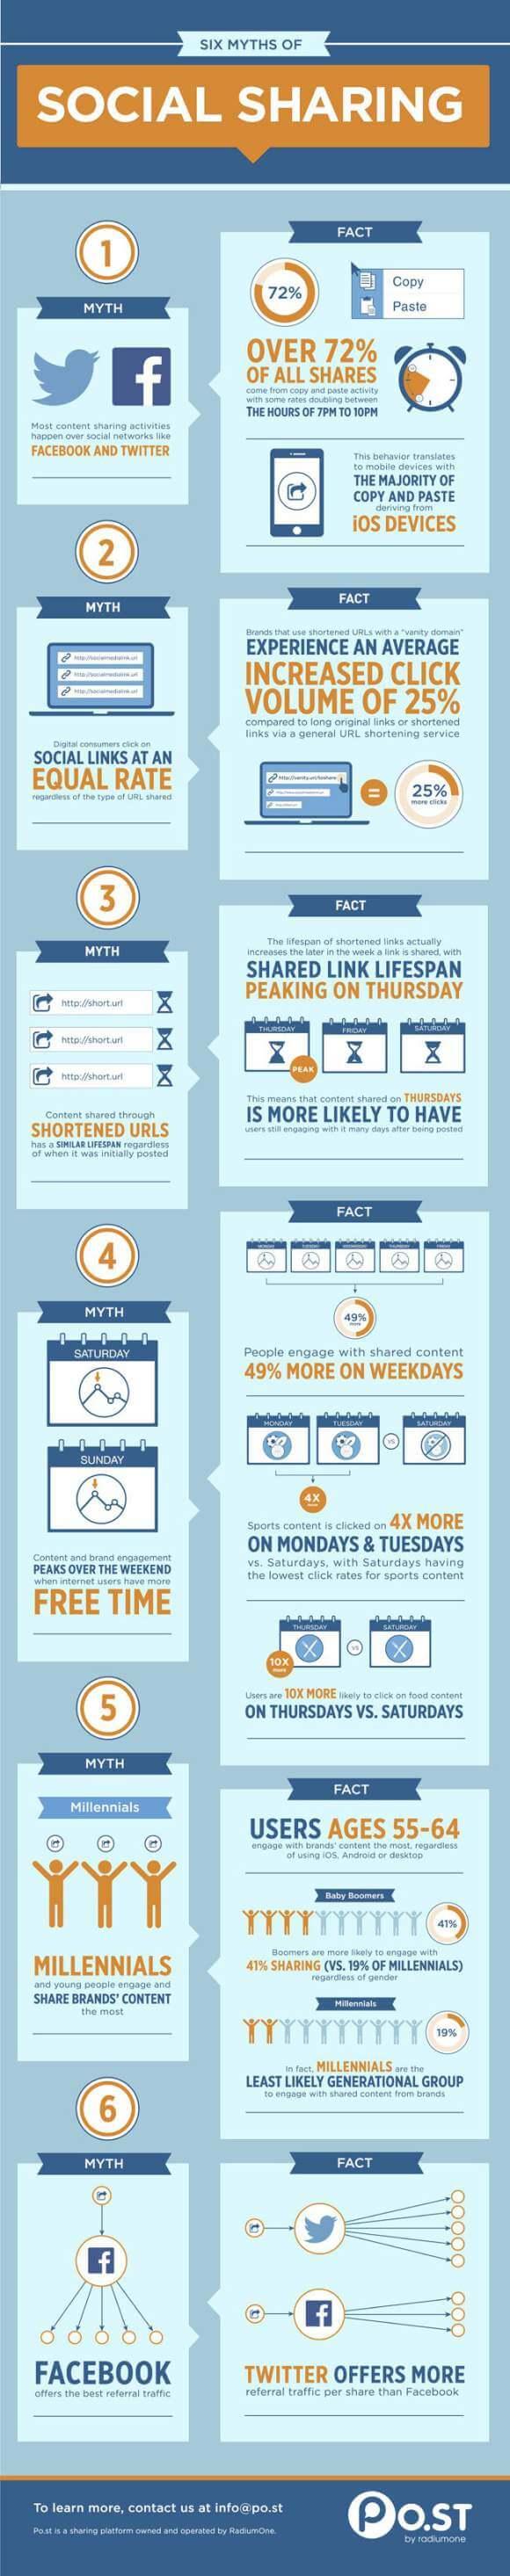 ds-social-sharing